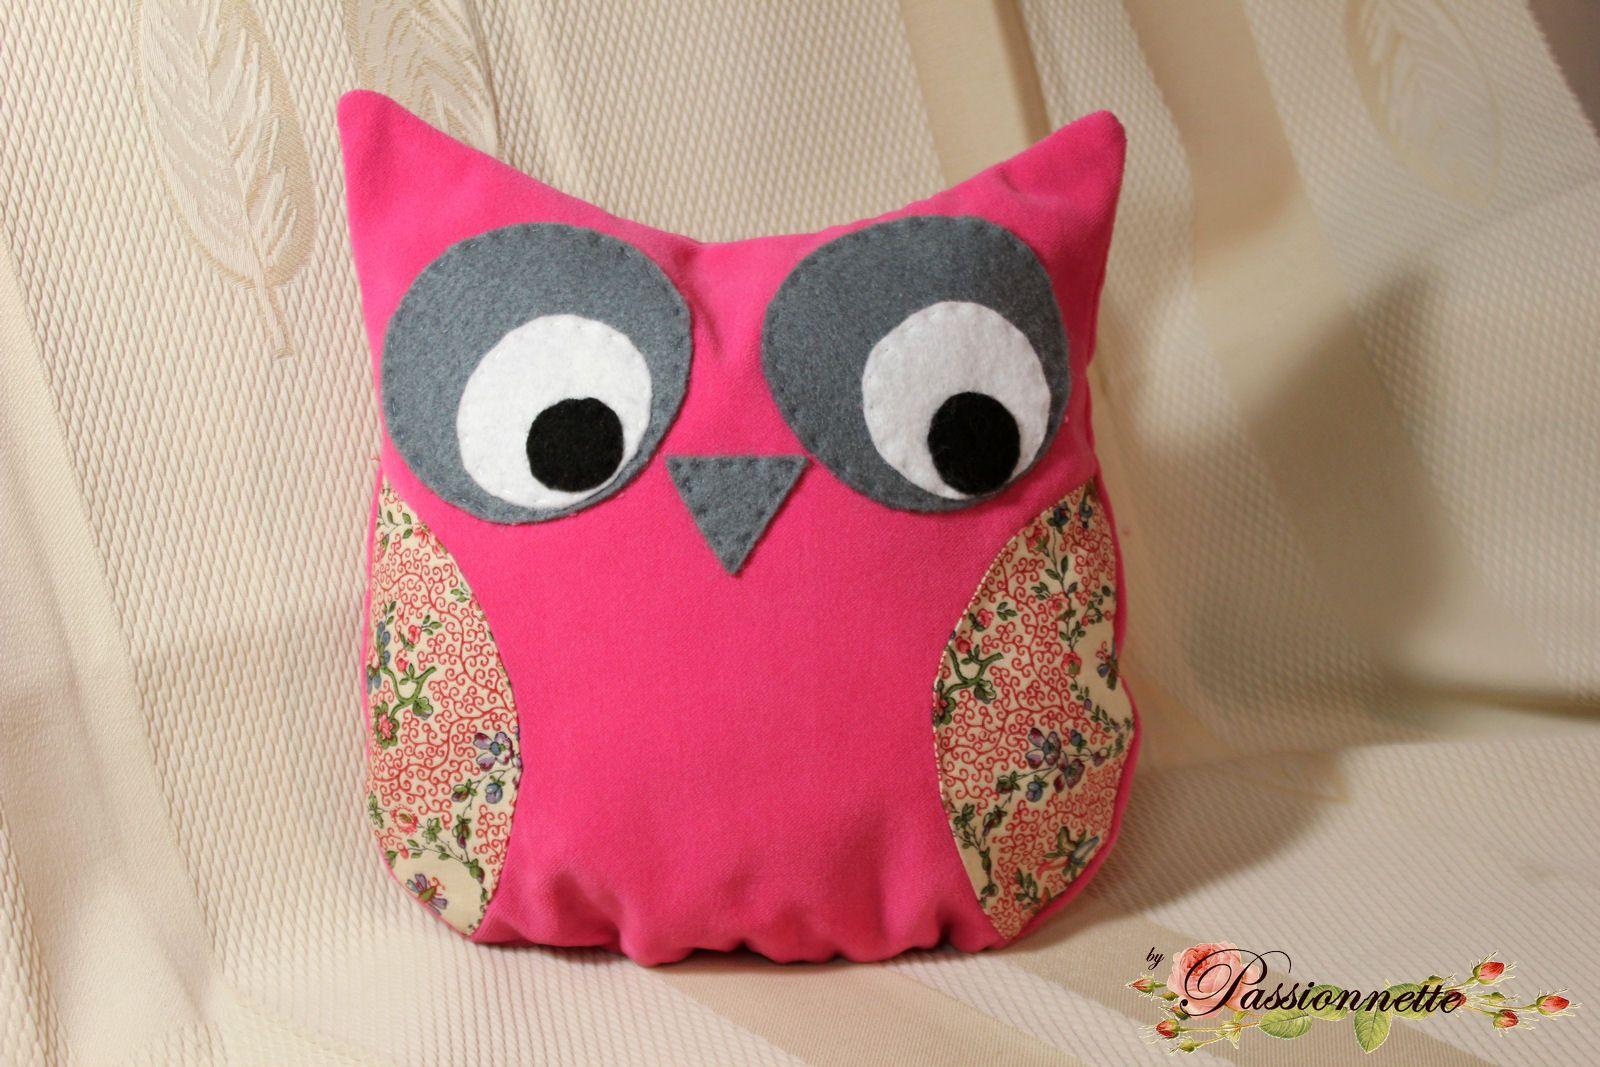 petit coussin chouette hibou en tissu rose et feutrine pour les yeux couture pinterest. Black Bedroom Furniture Sets. Home Design Ideas